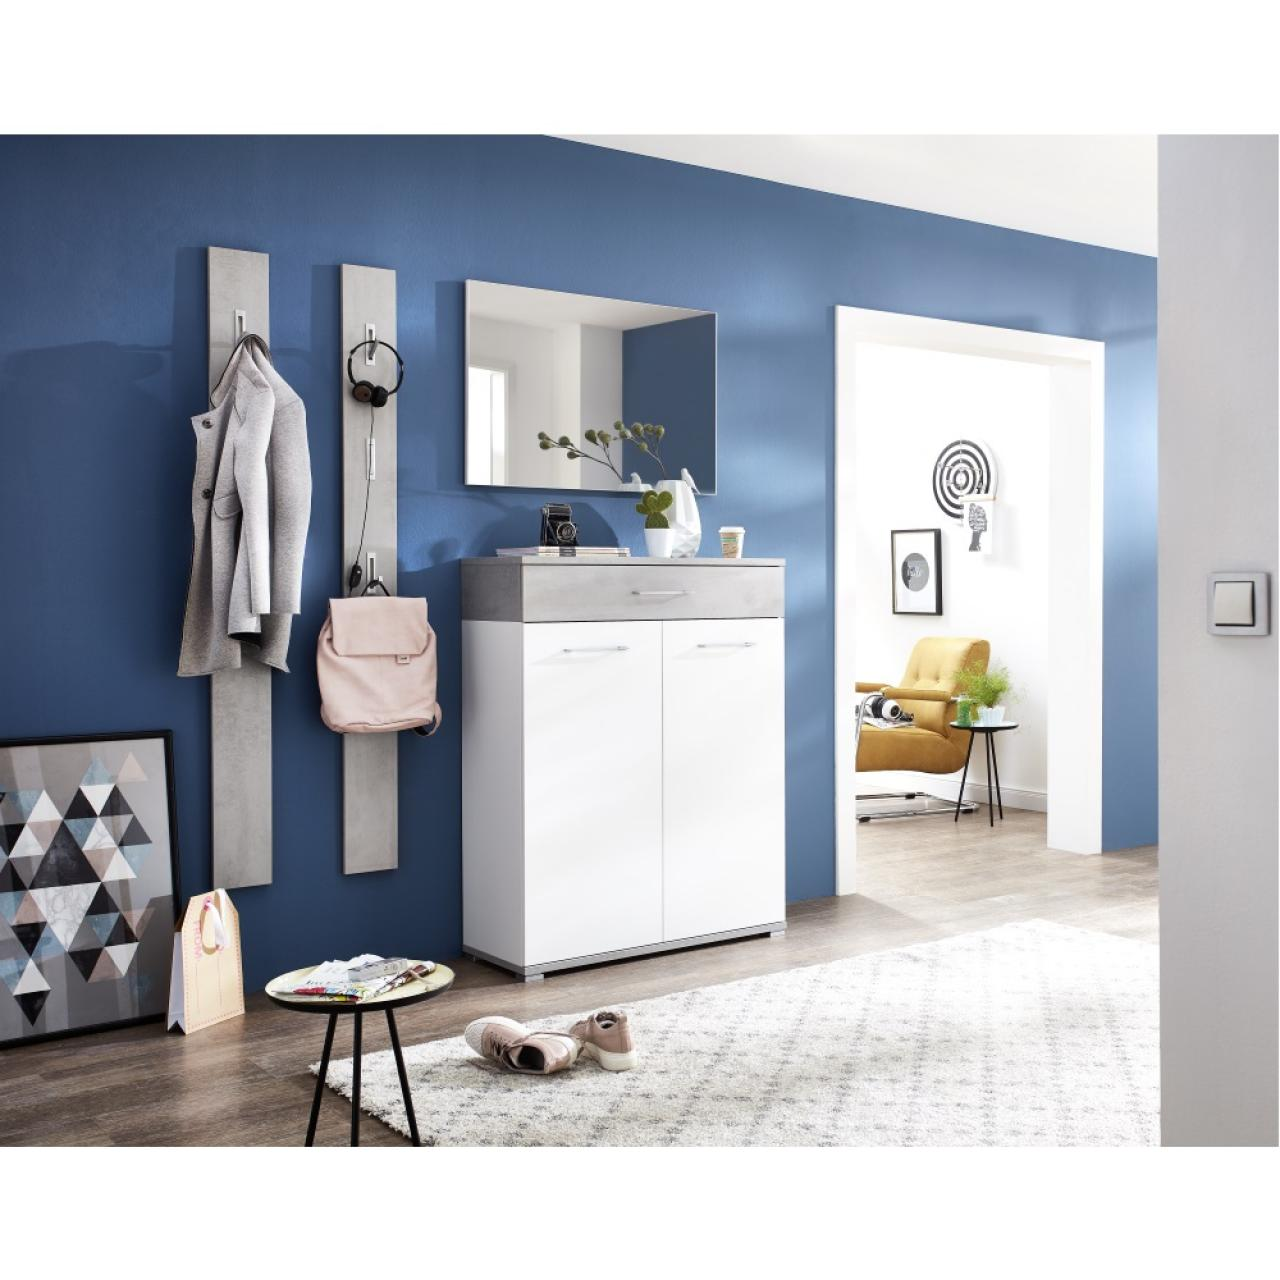 schuhschrank topix | beton - weiß | platz für ca. 20 schuhe | möbel